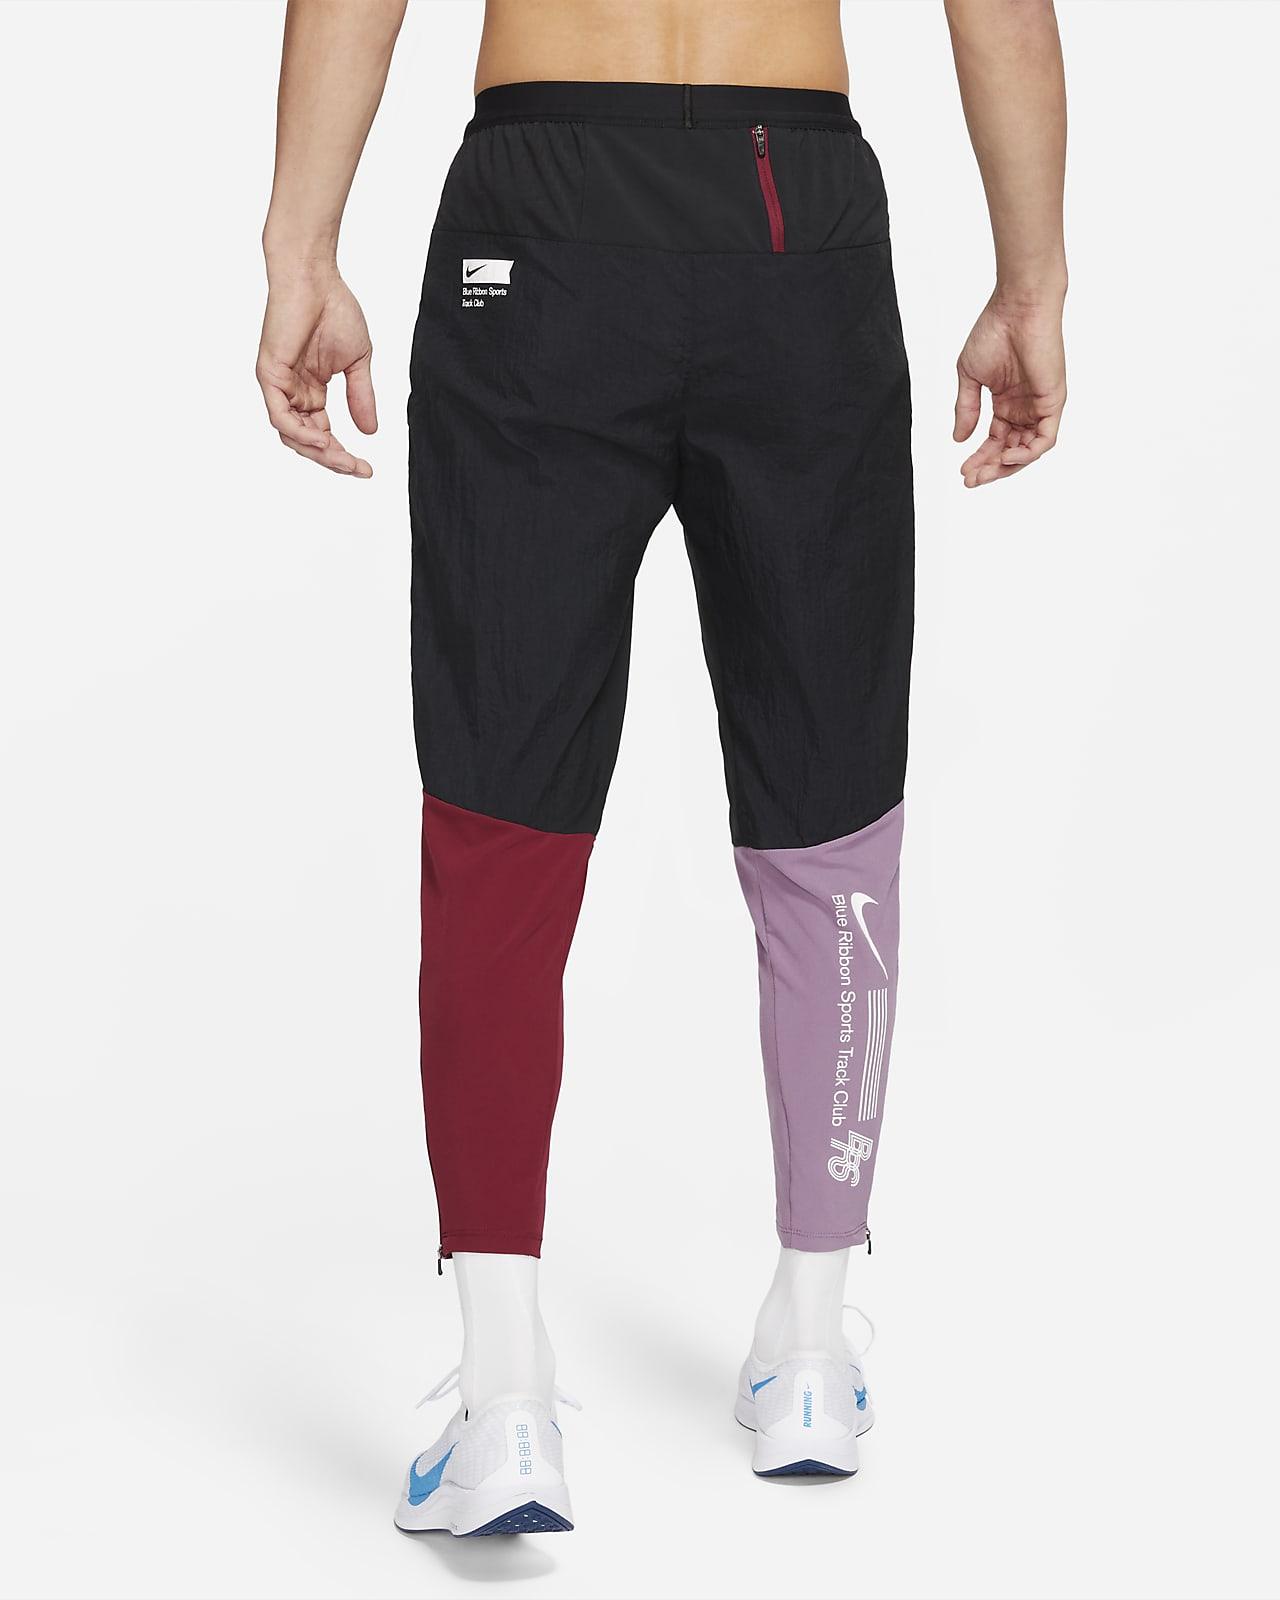 กางเกงวิ่งขายาวผู้ชายแบบทอ Nike Phenom Elite BRS